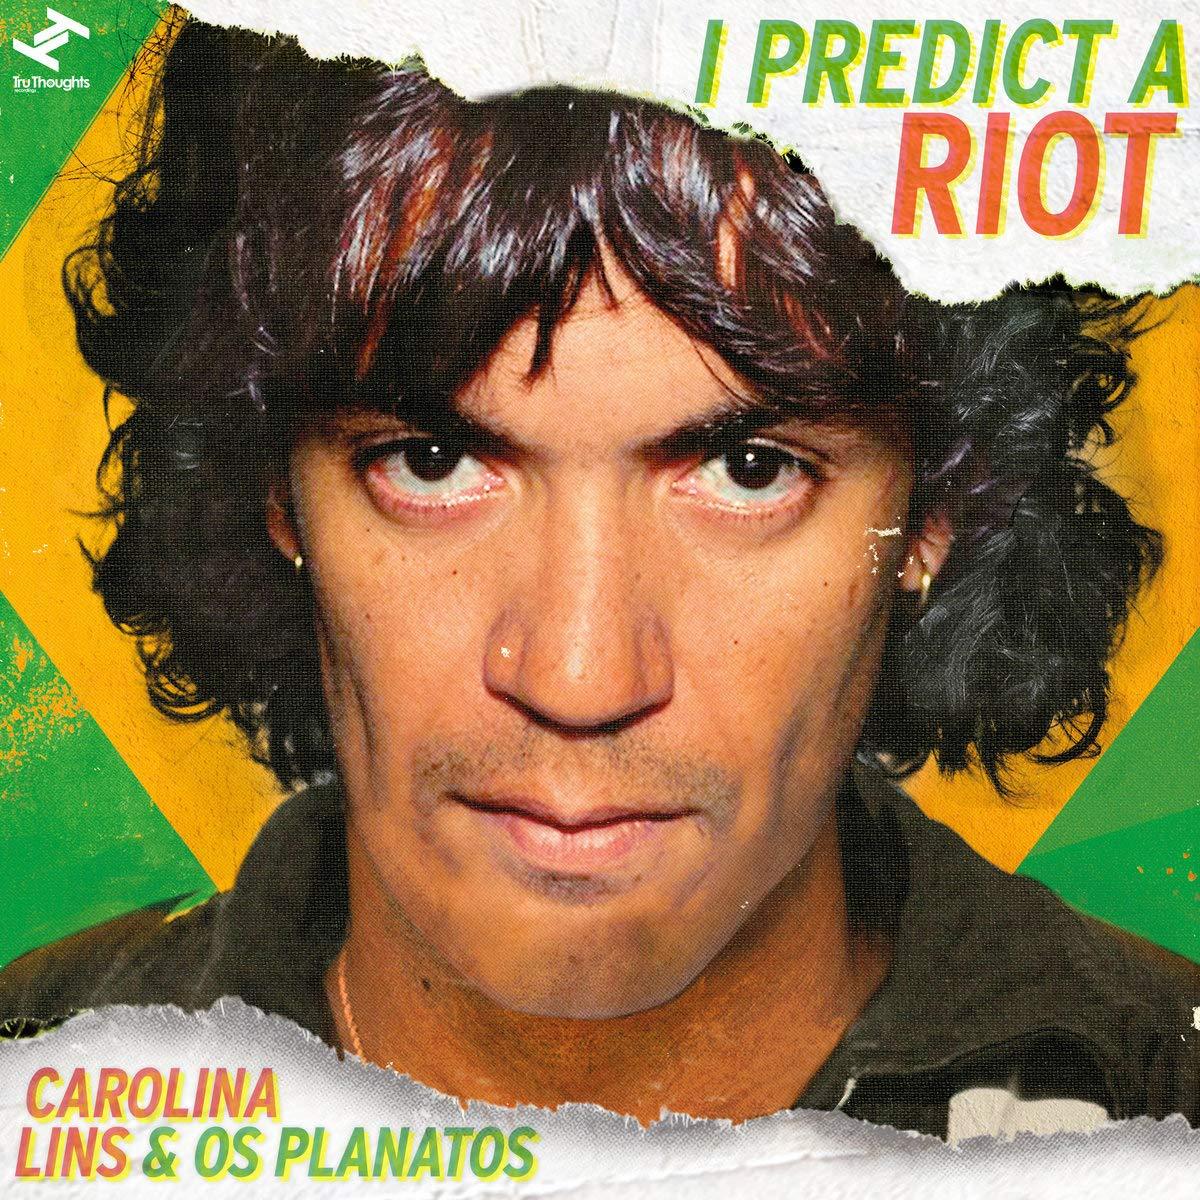 Carolina & Os Planatos Lins - I Predict Riot